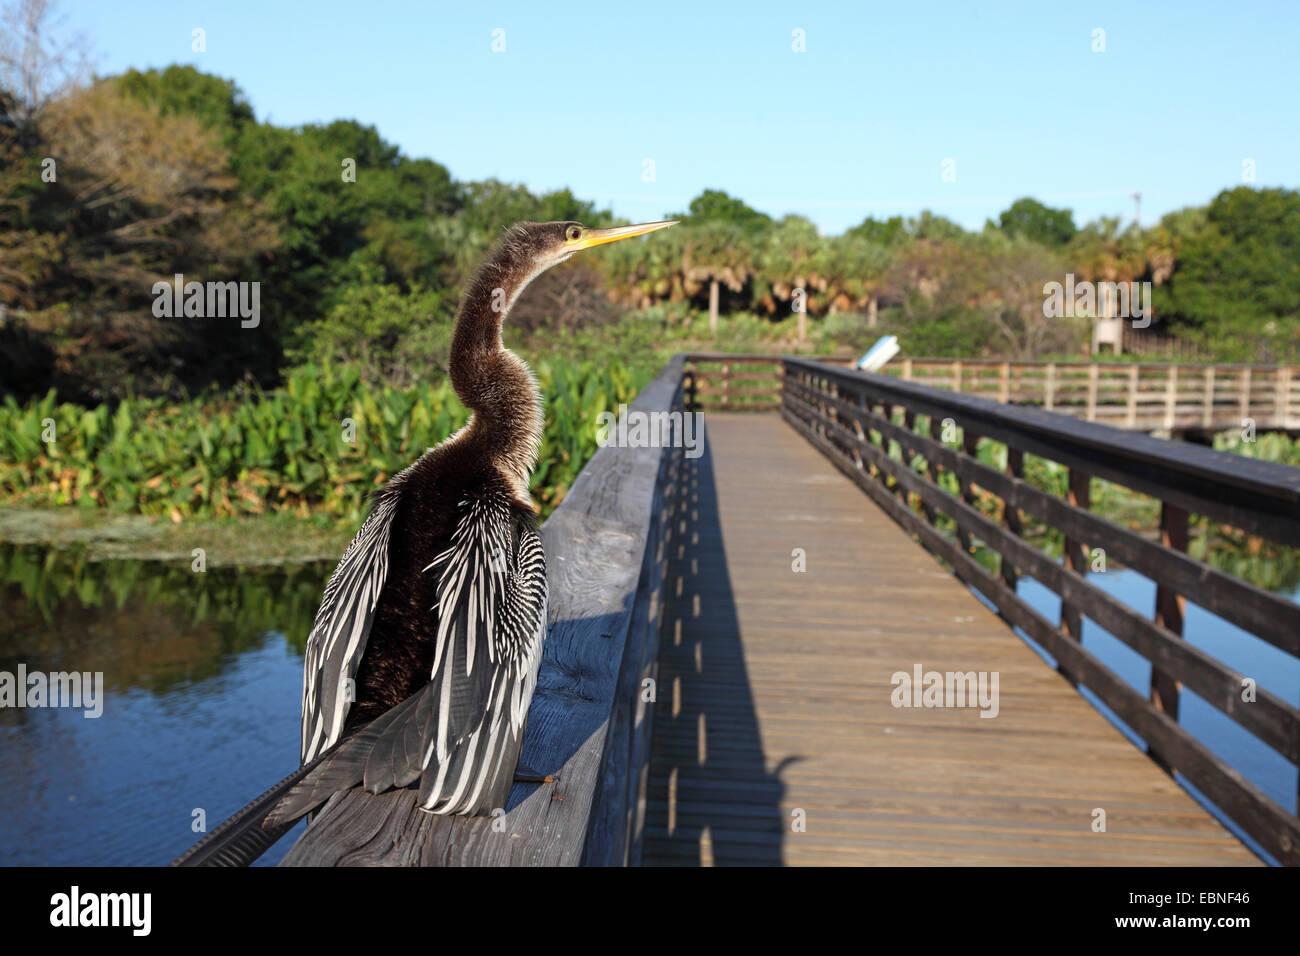 American darter (Anhinga anhinga), immature bird sitting on the railing of a gangplank, USA, Florida - Stock Image